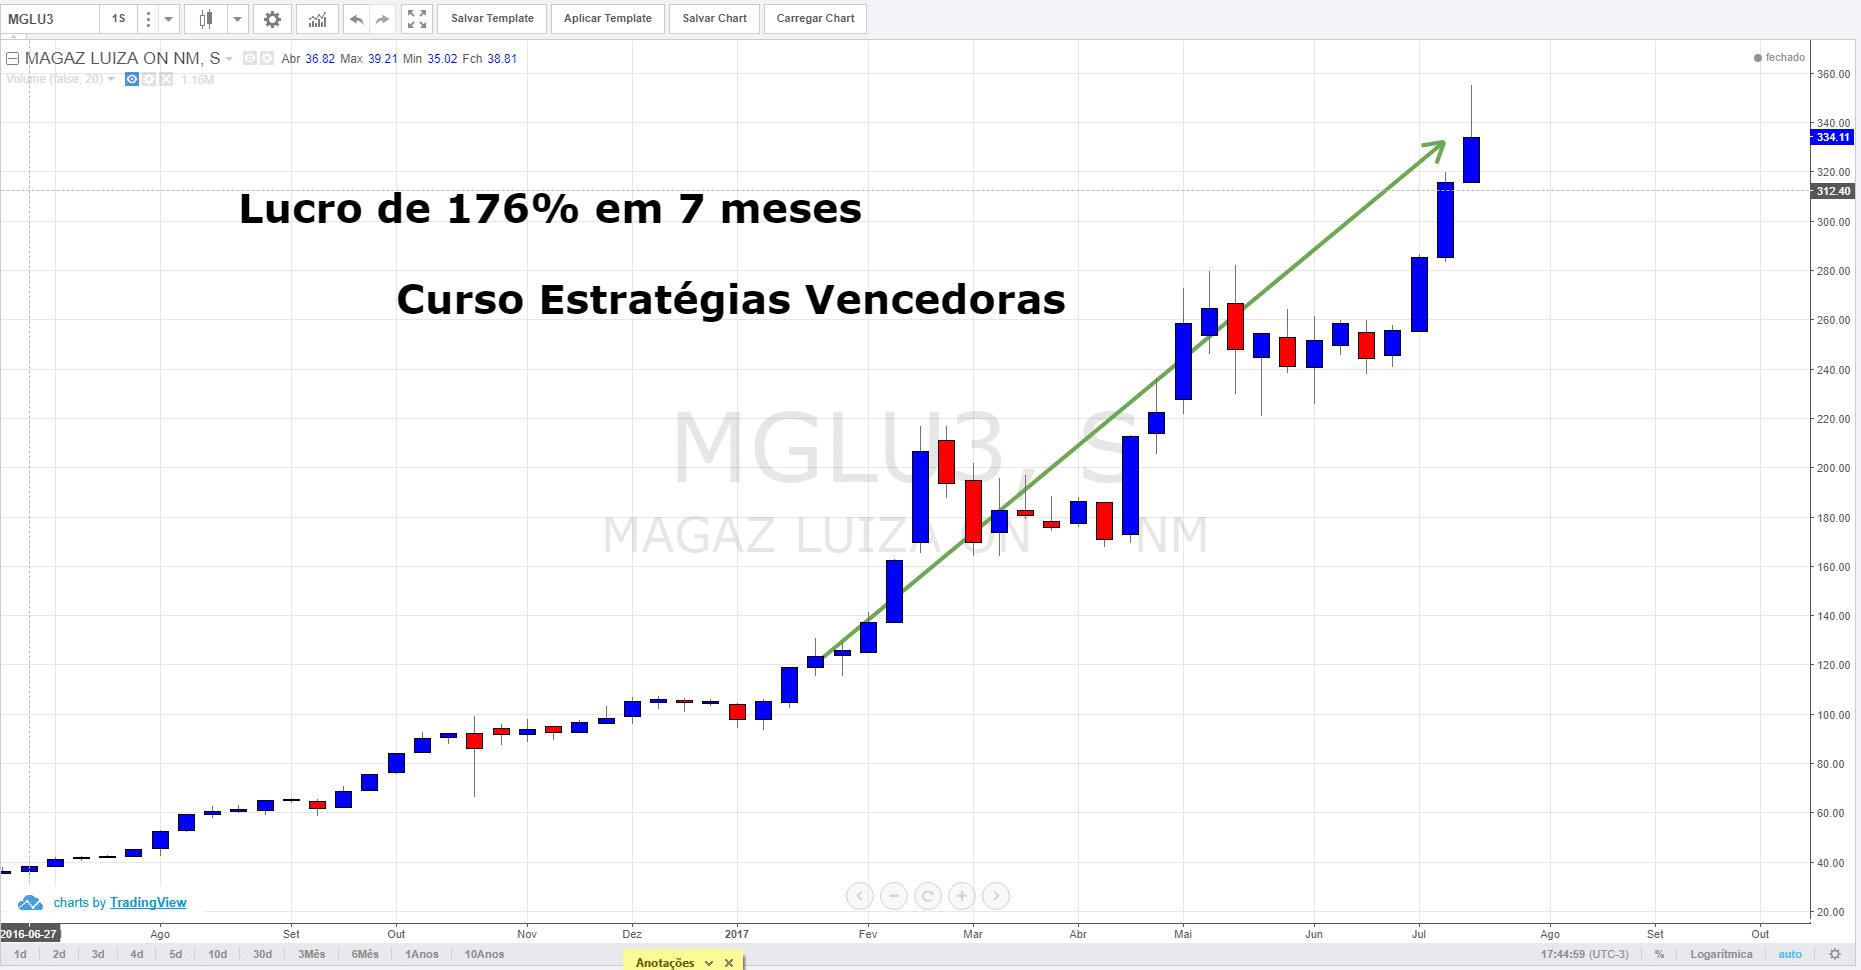 Gráfico da bolsa de valores - Lucro de 176% MGLU semanal